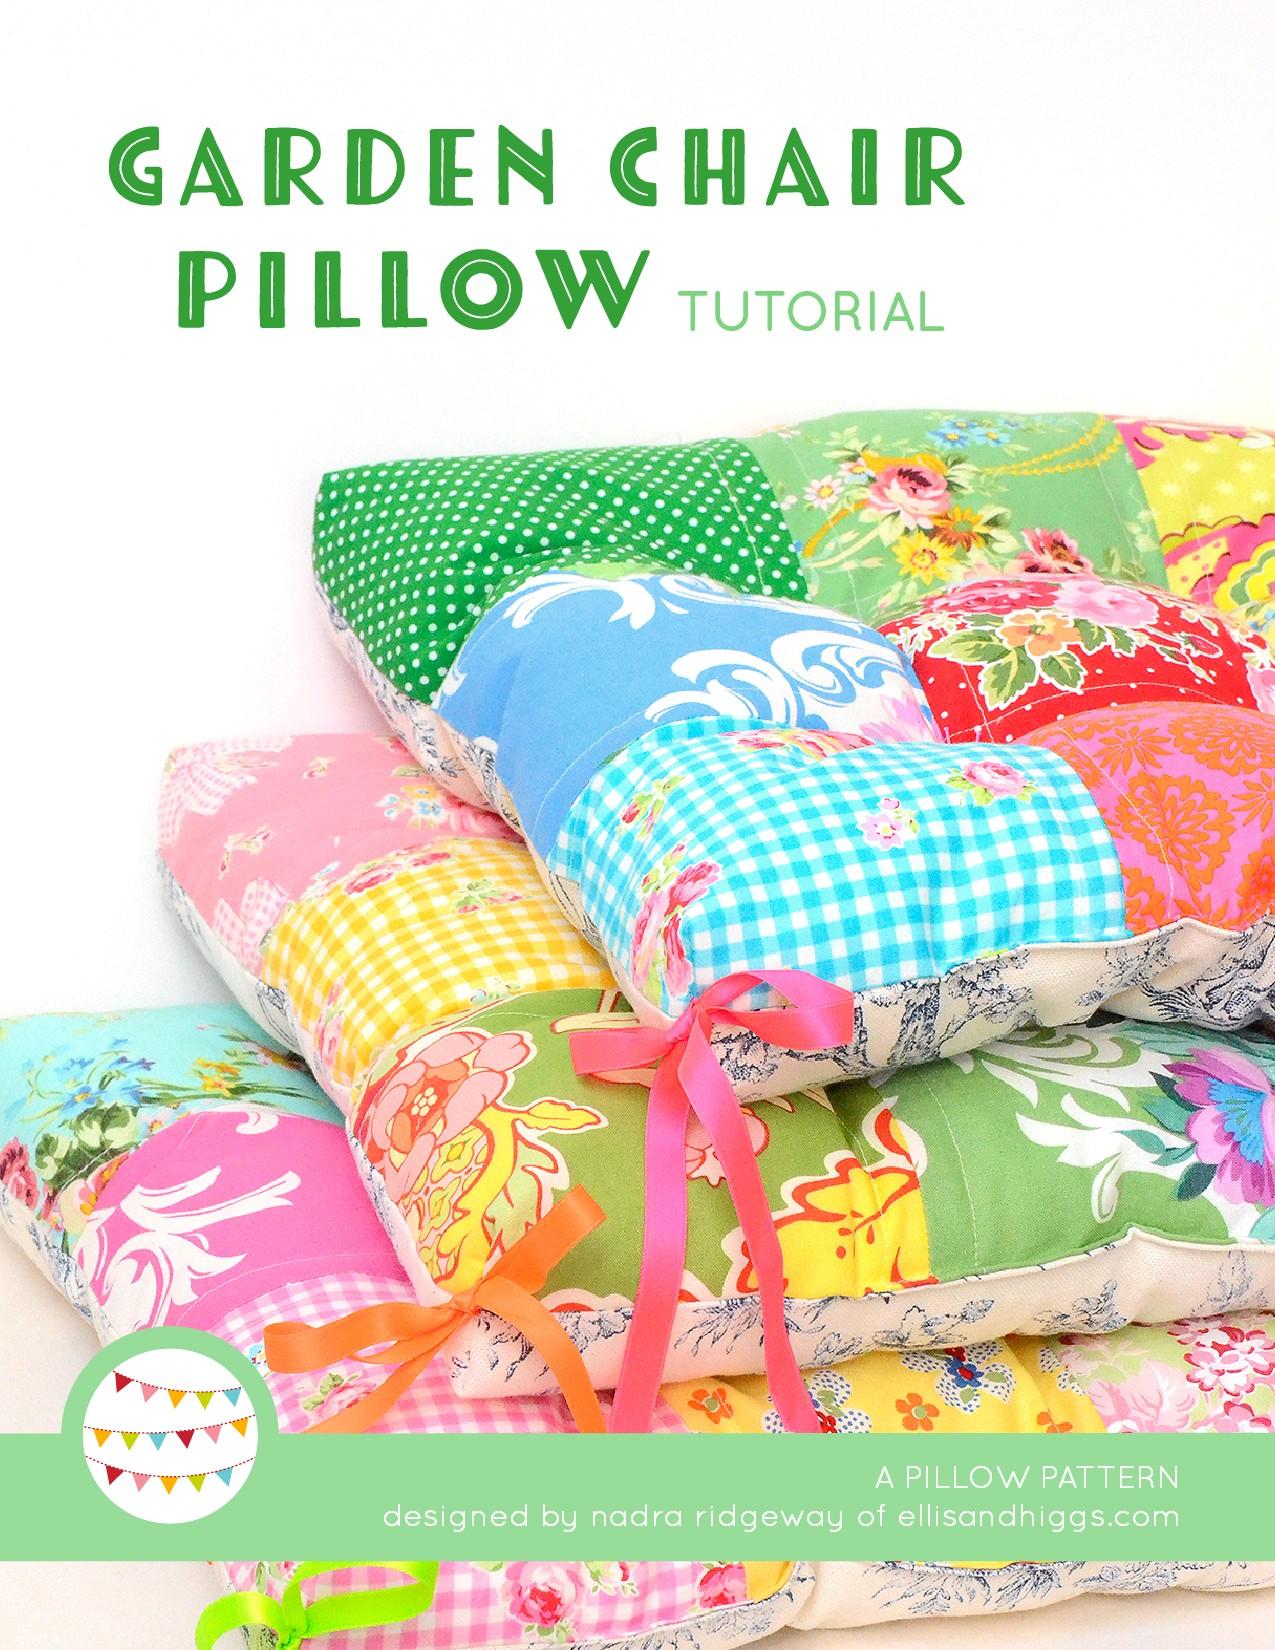 Garden Chair Pillows - Garden Chair Cushions